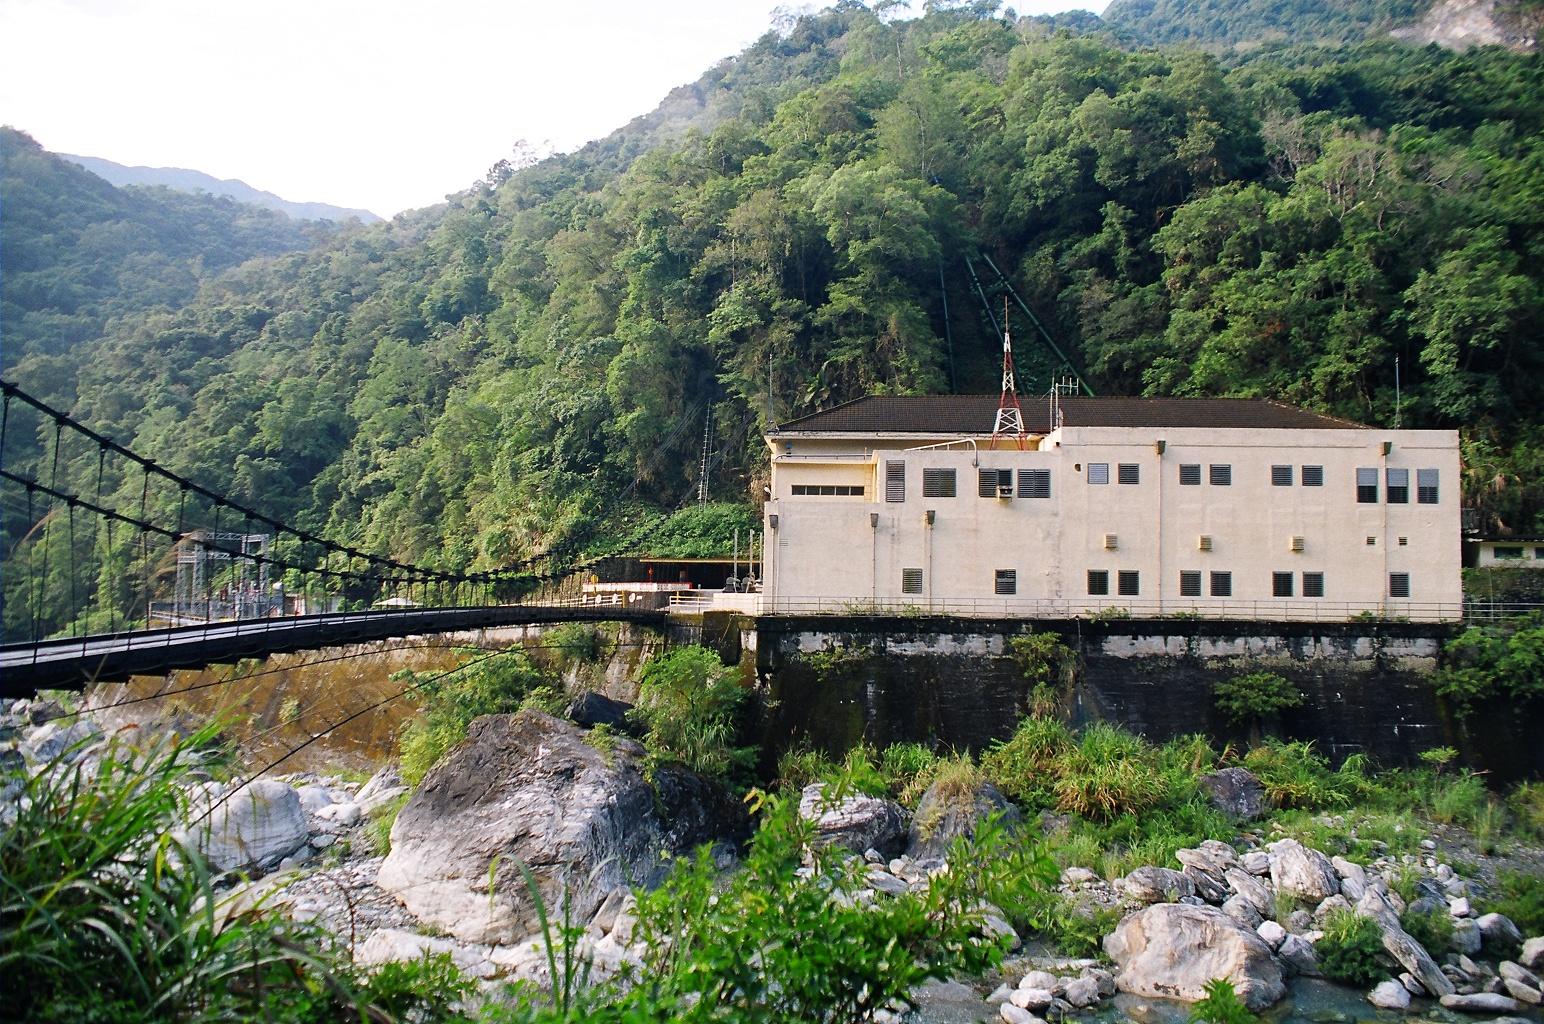 東部發電廠銅門機組 出處:台灣電力股份有限公司